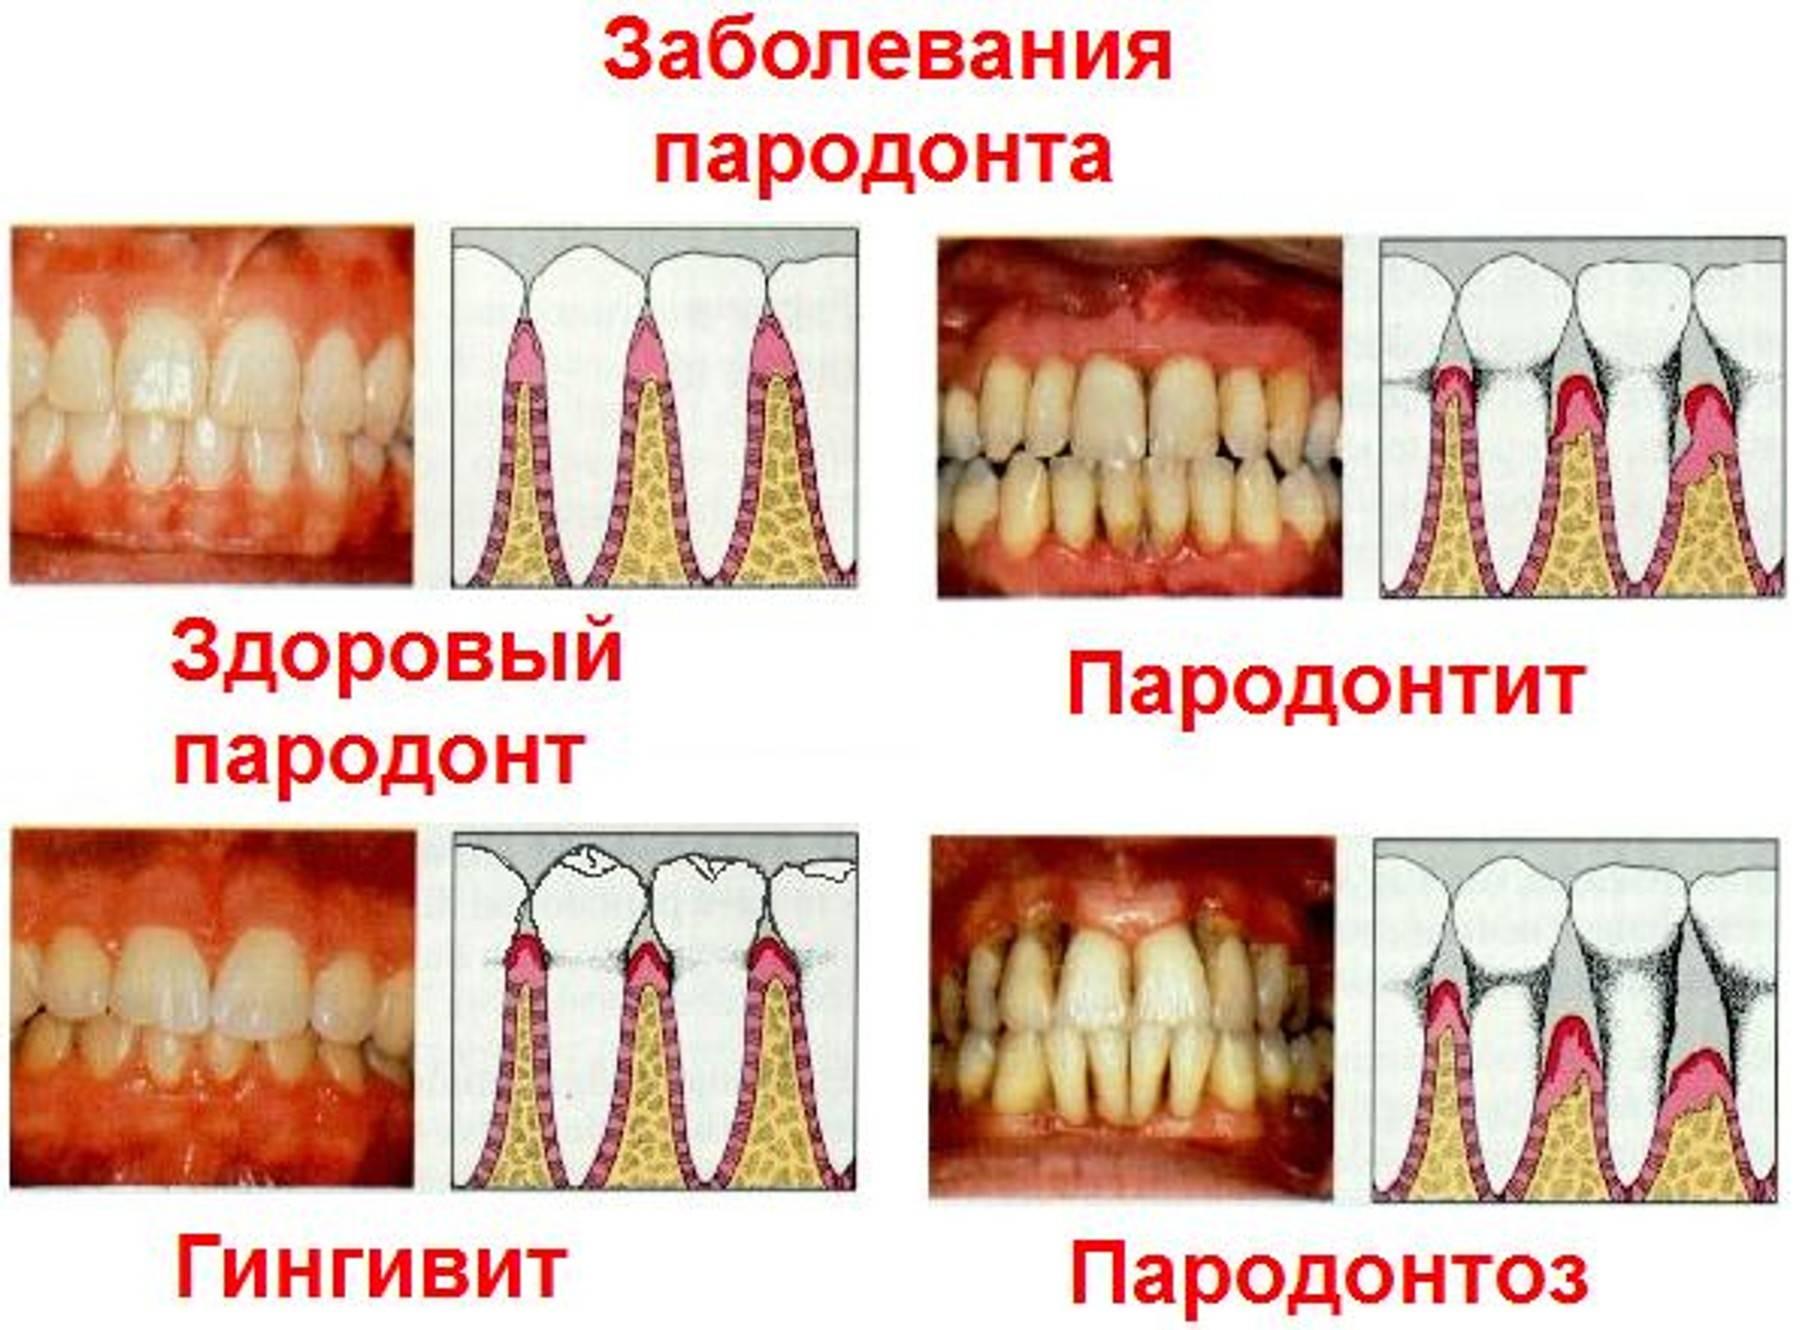 Сверхкомплектные зубы, или что такое гипердонтия, причины, симптомы, методы лечения